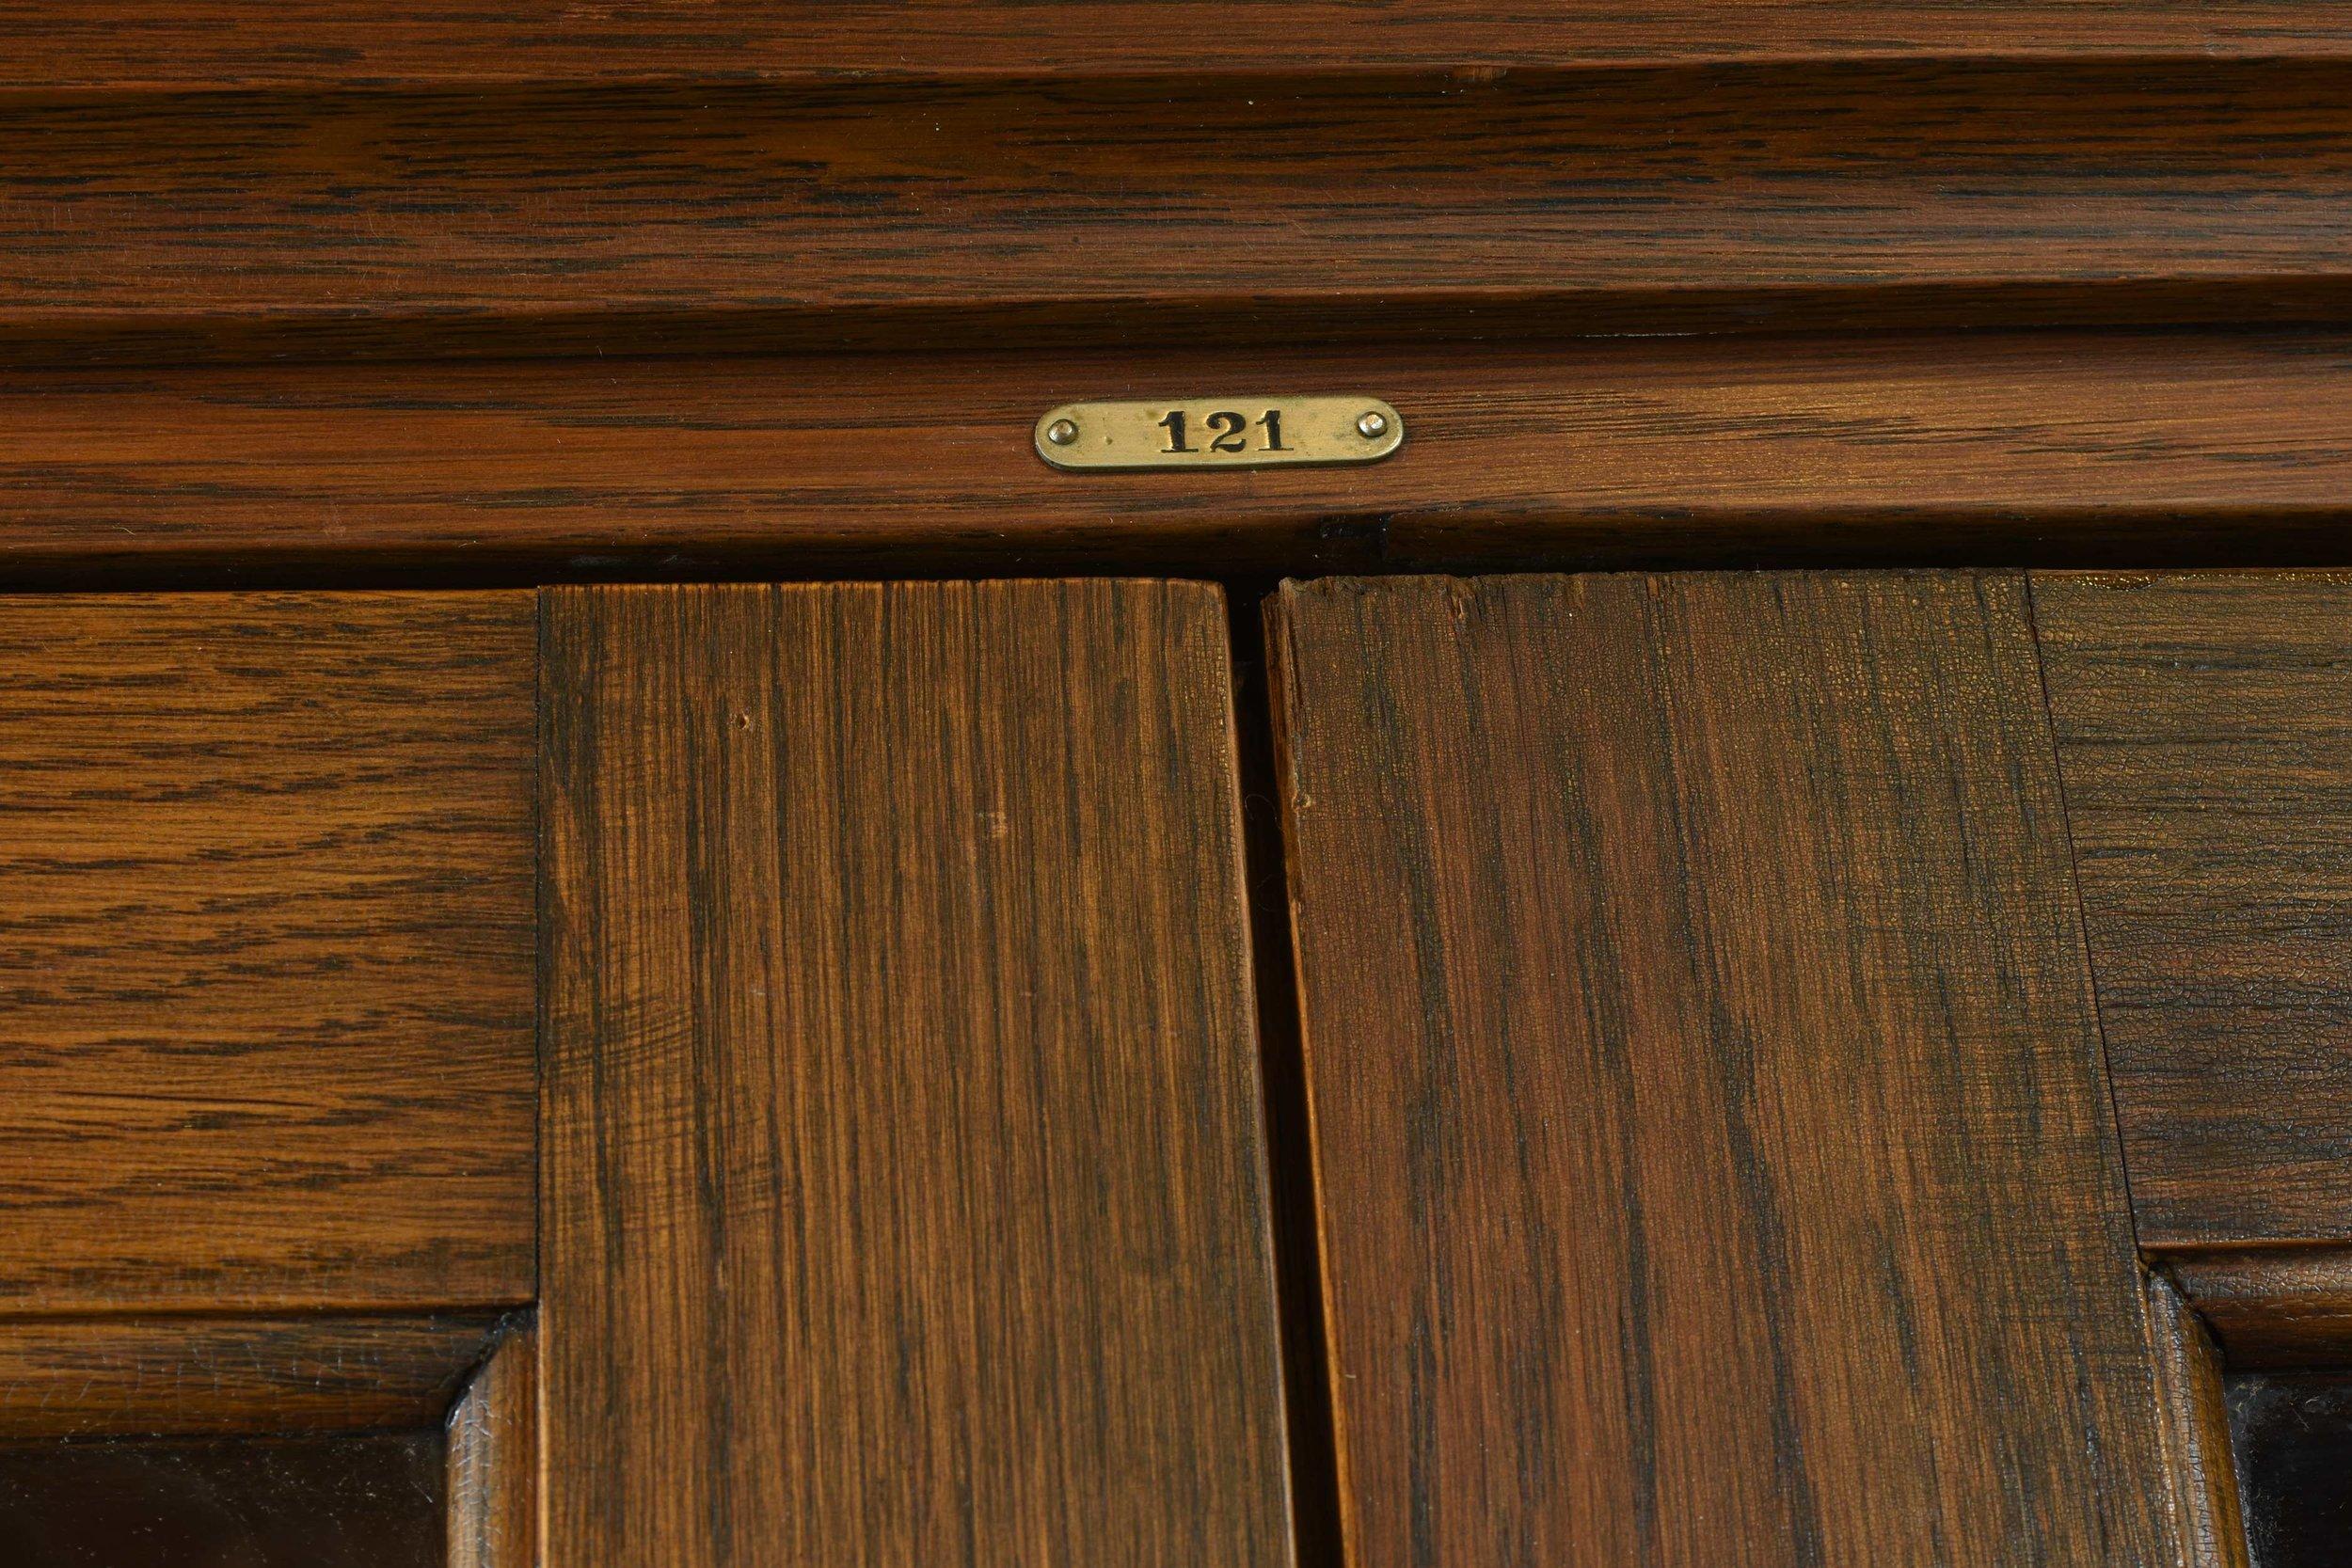 47028 two door school room cab 121.jpg